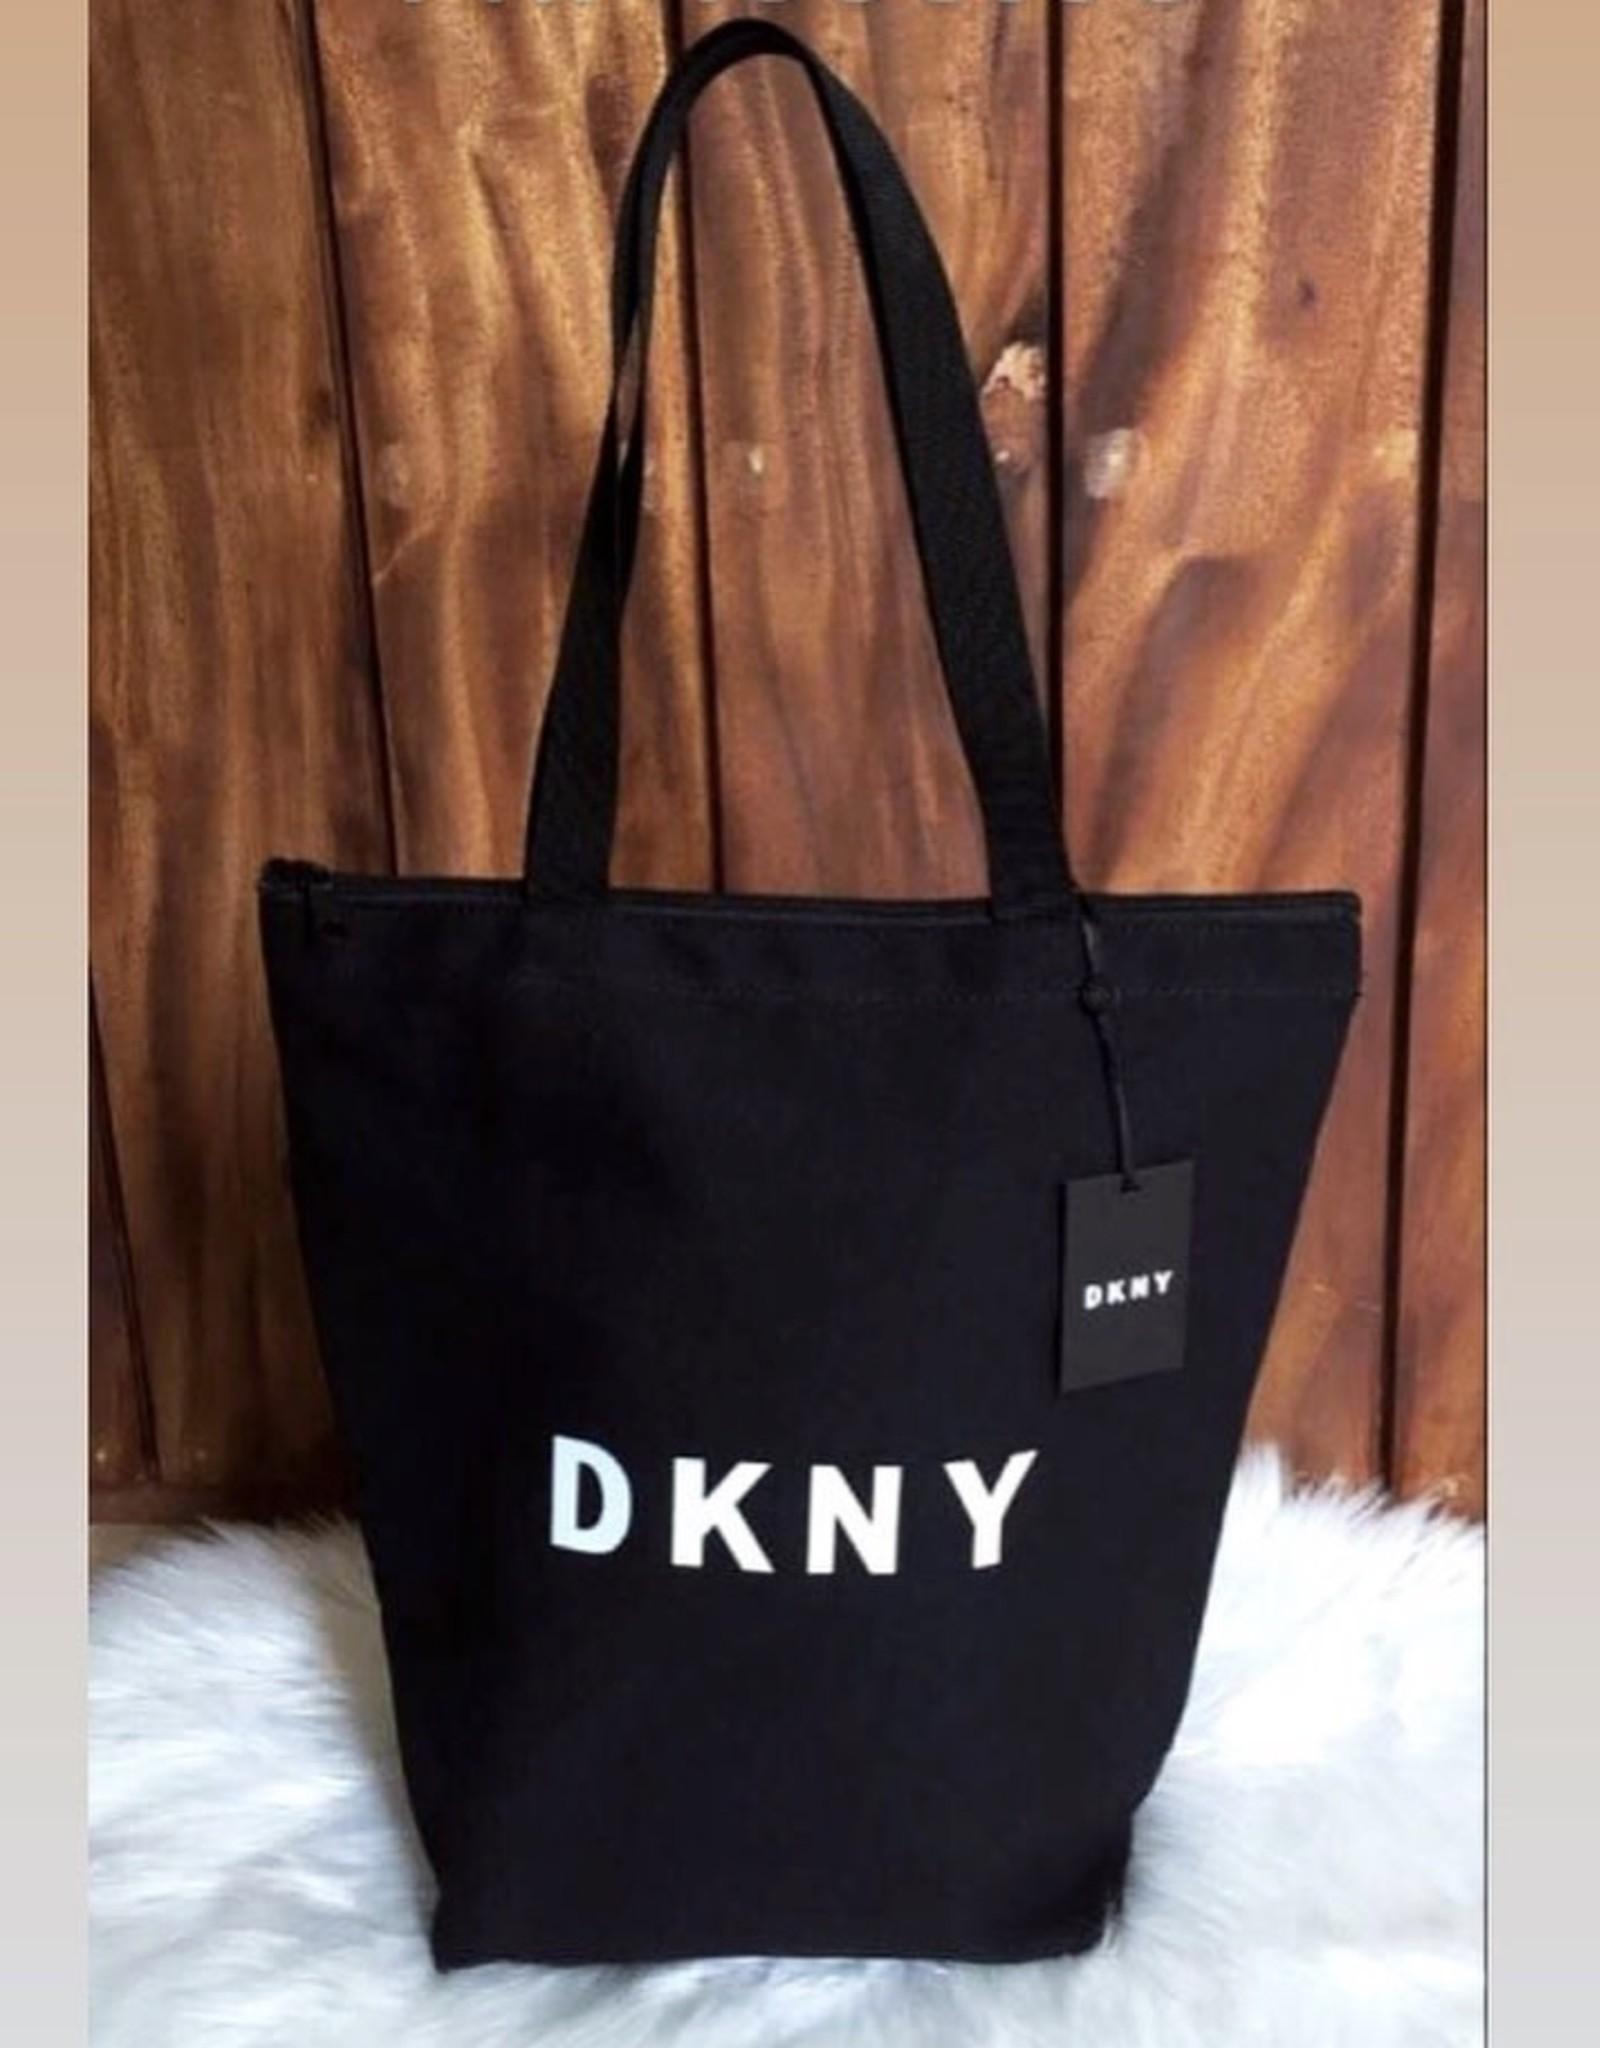 DKNY DKNY Canvas Tote